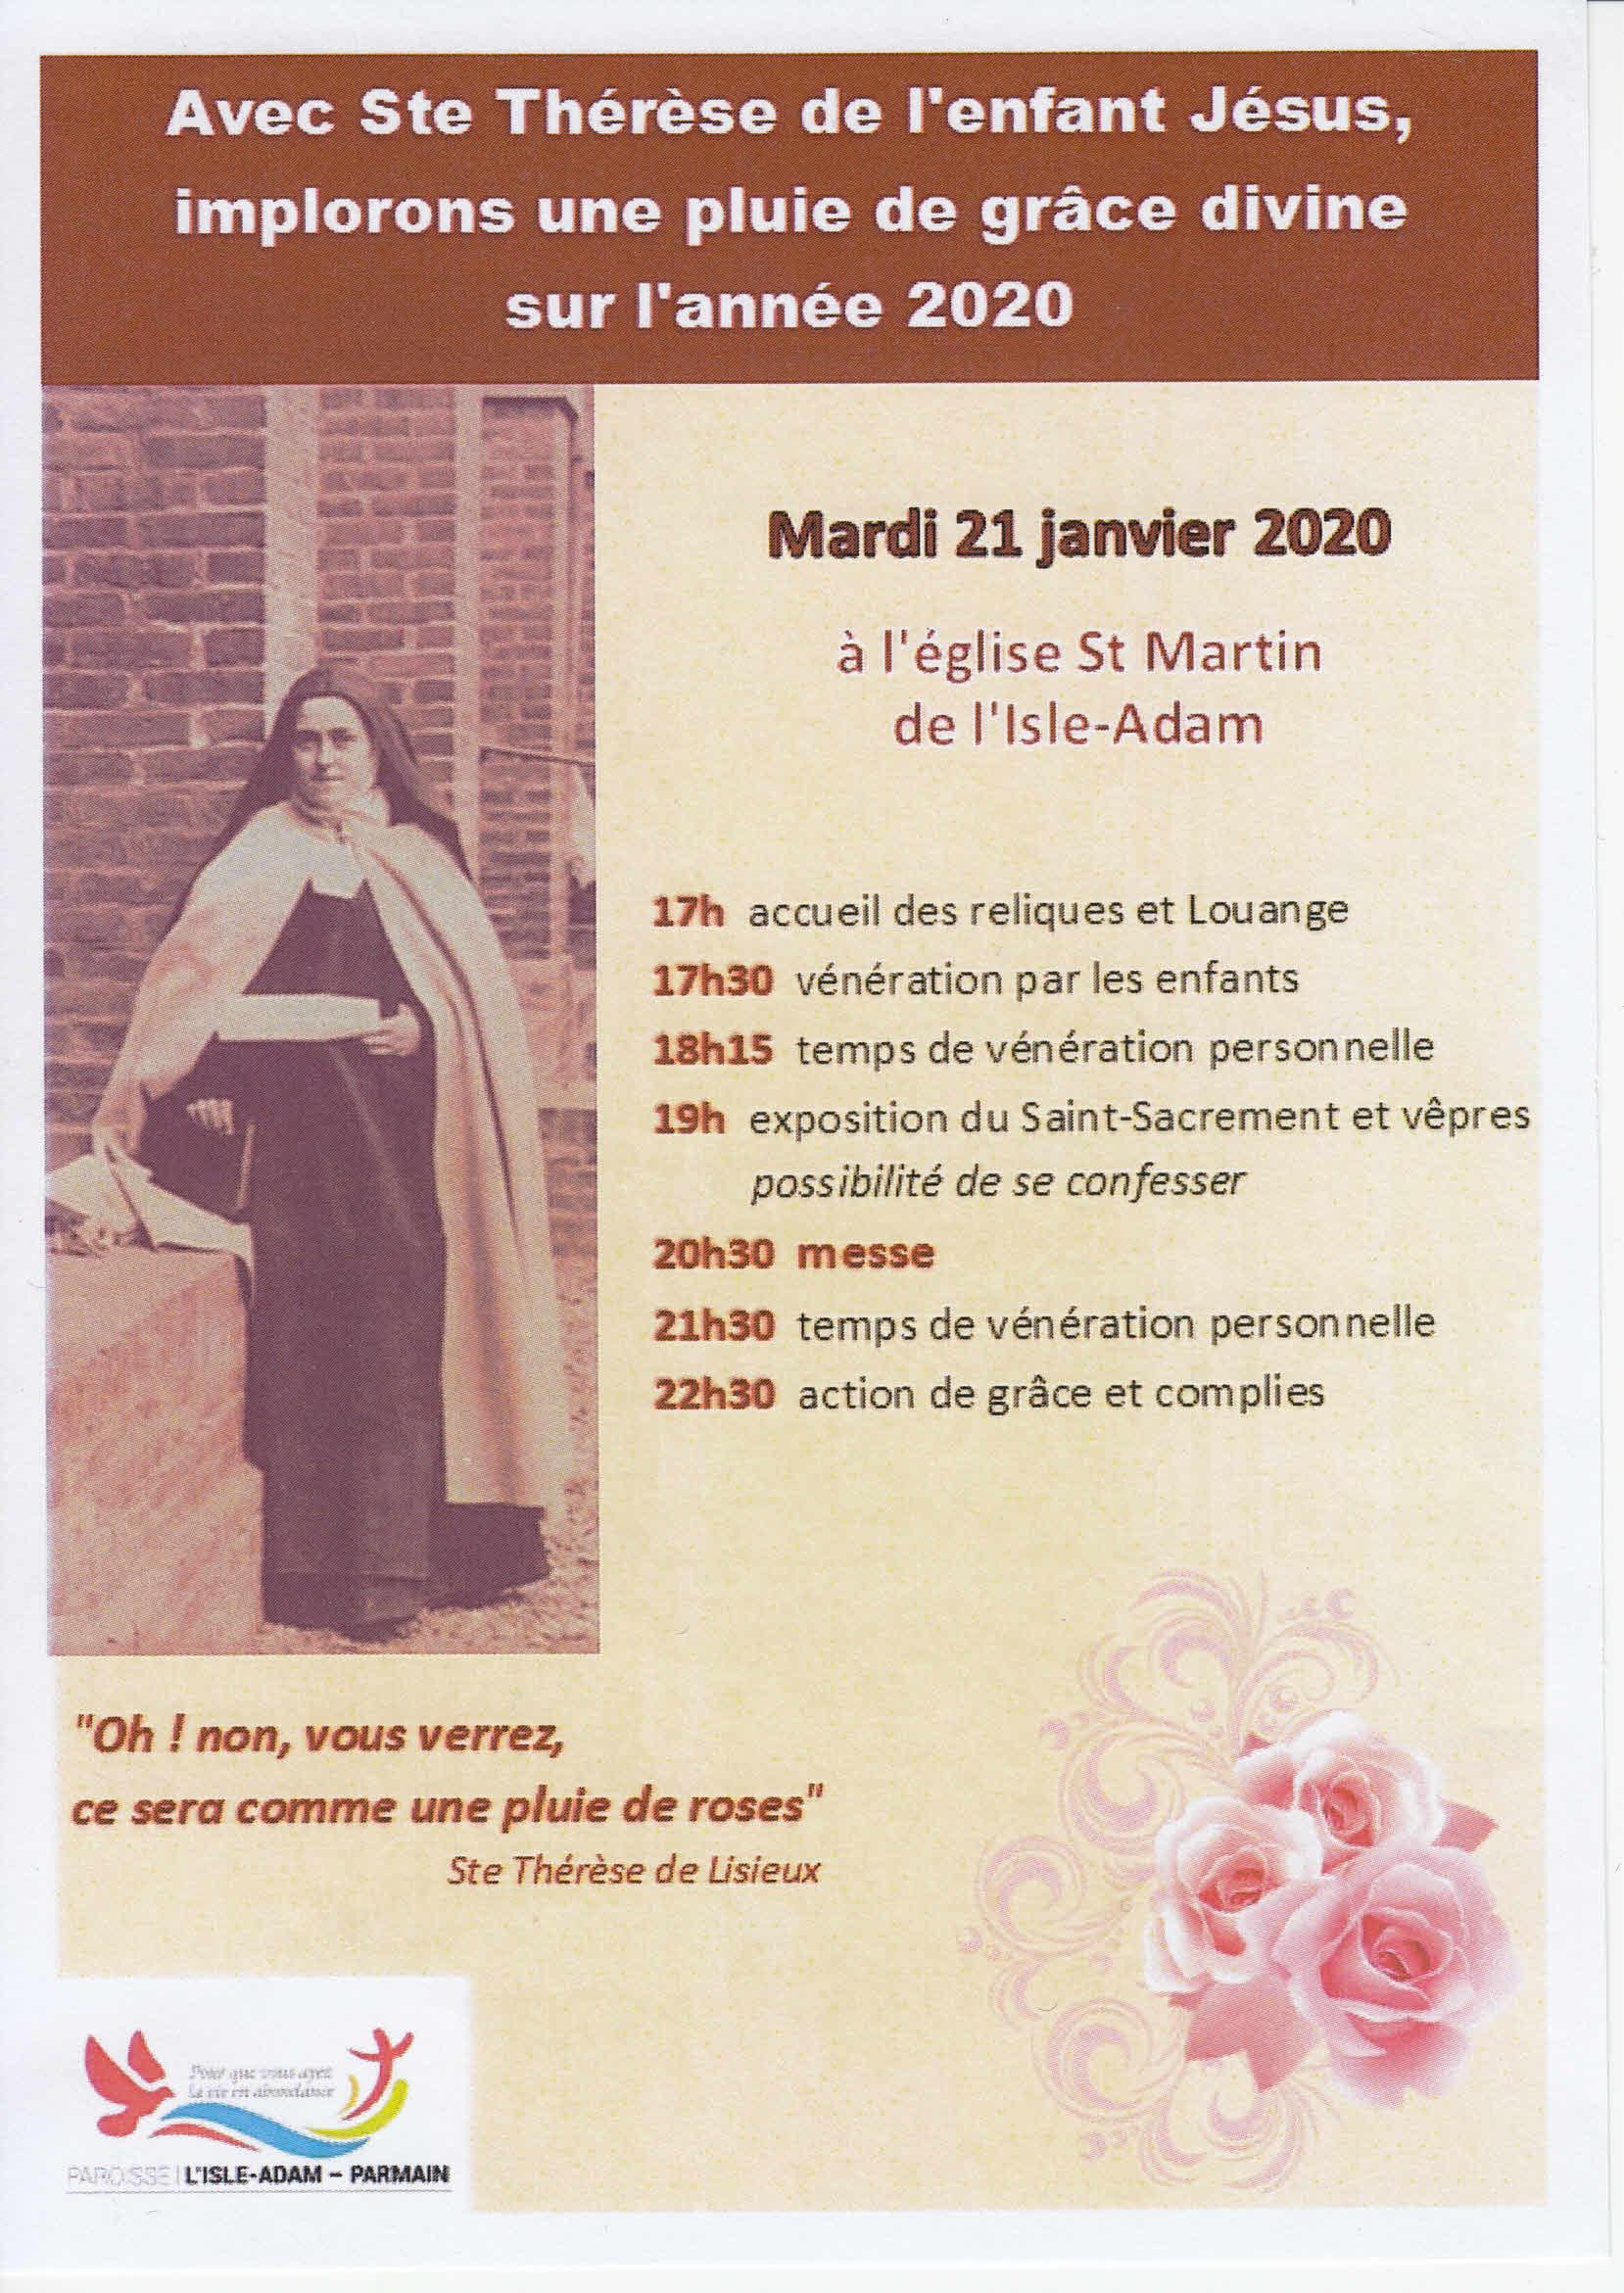 2020-01-21 Ste Thérèse